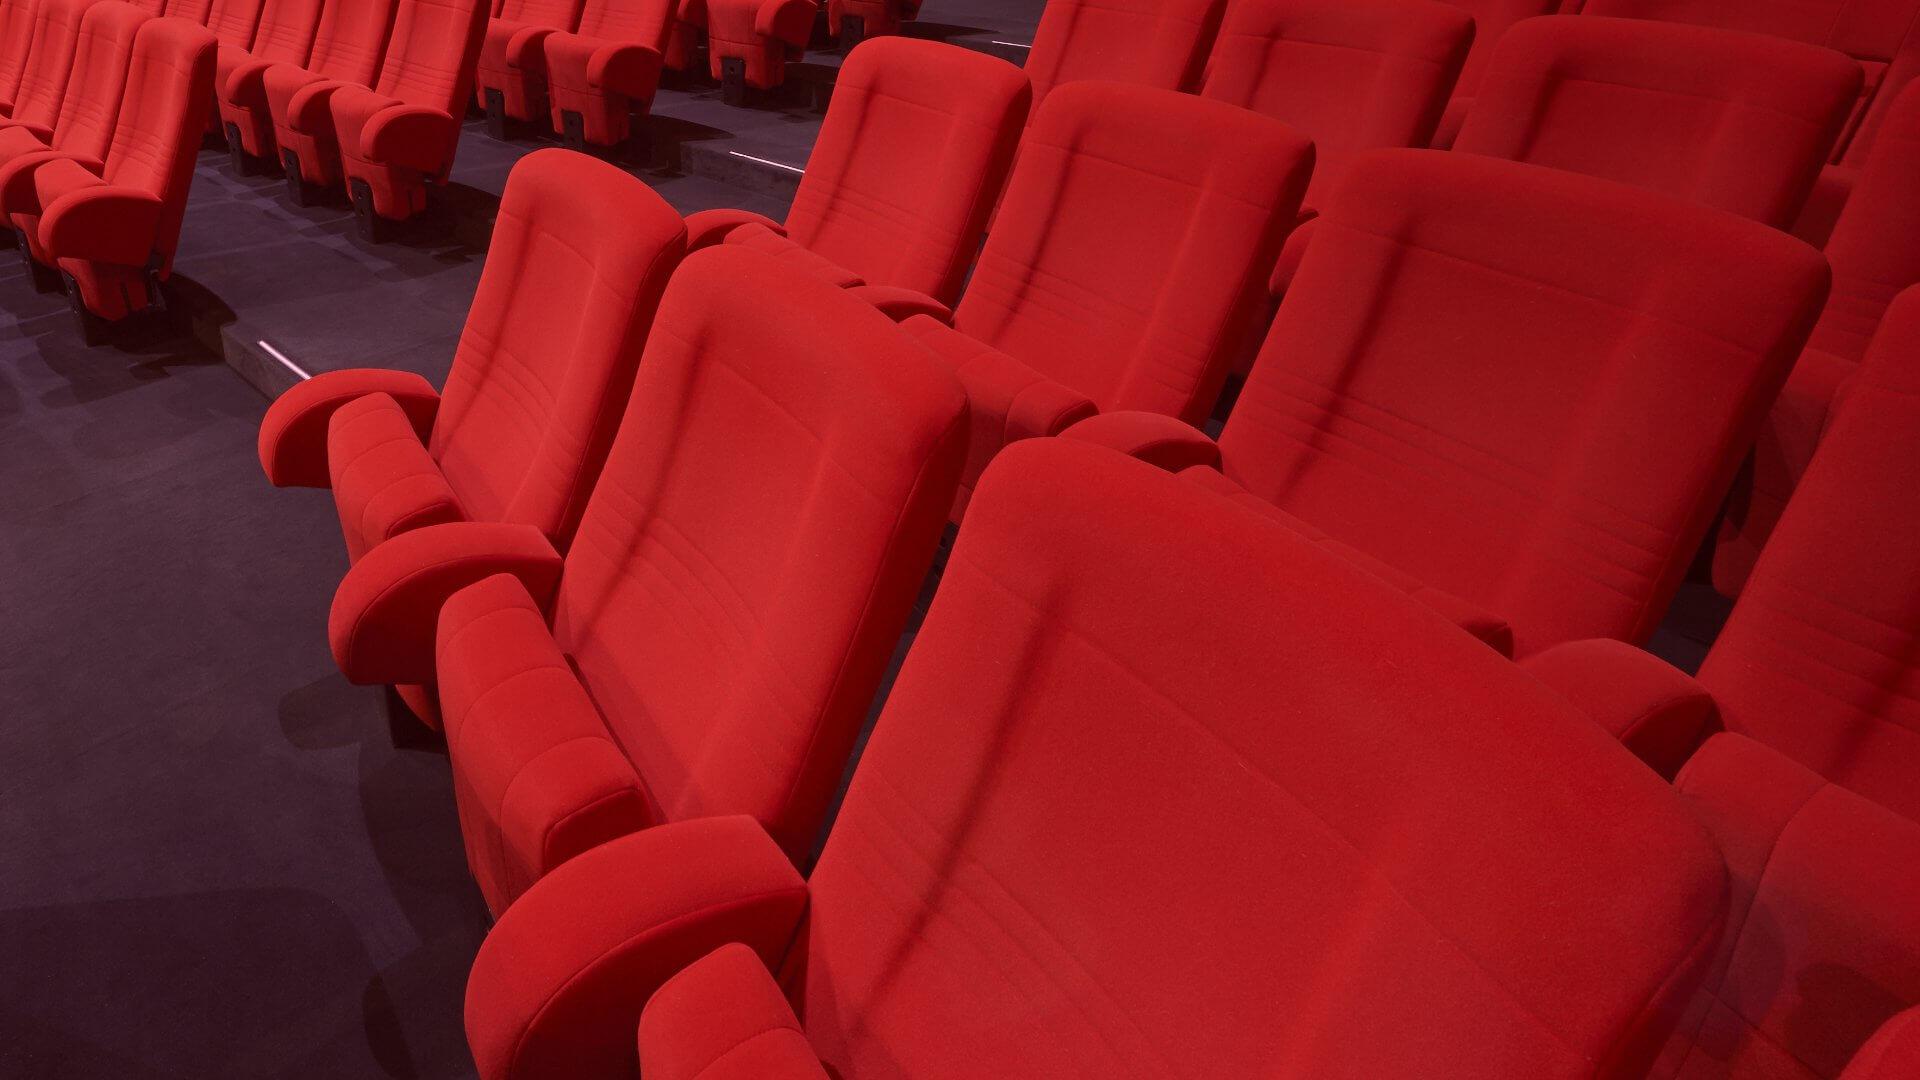 Kleslo - Fabriquant francais Fauteuils Cinéma, théatre, Ampthitéâtre ...